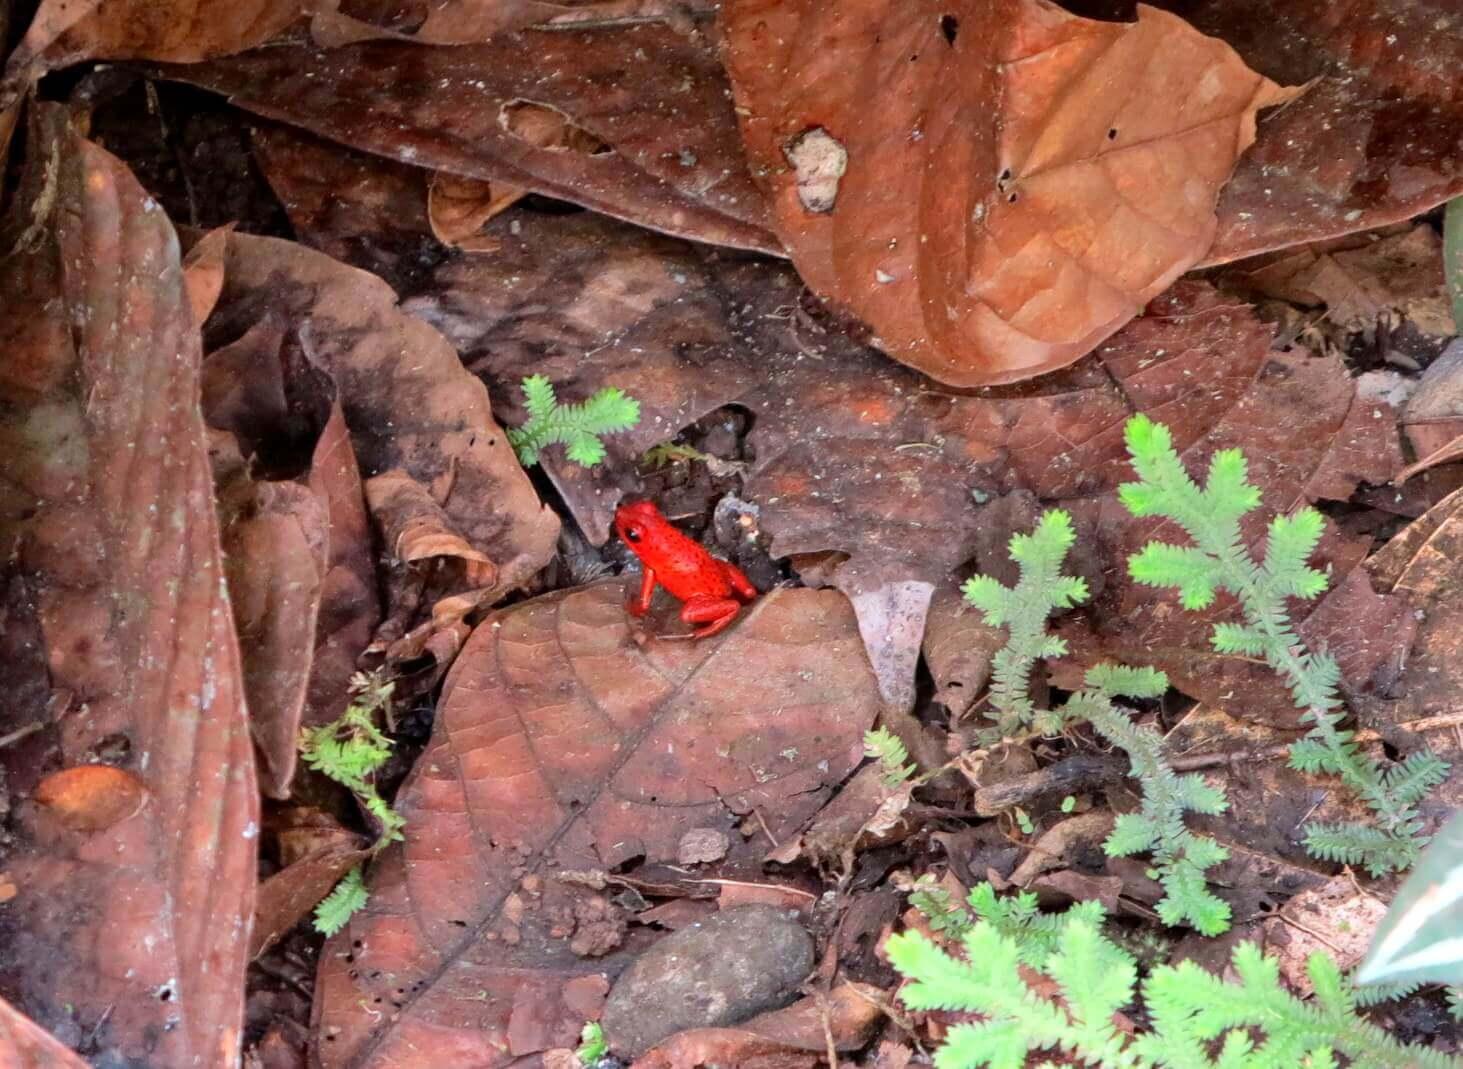 Der botanische Garten von Puerto Viejo bietet auch eine große Anzahl an tropischen Tierarten zu entdecken